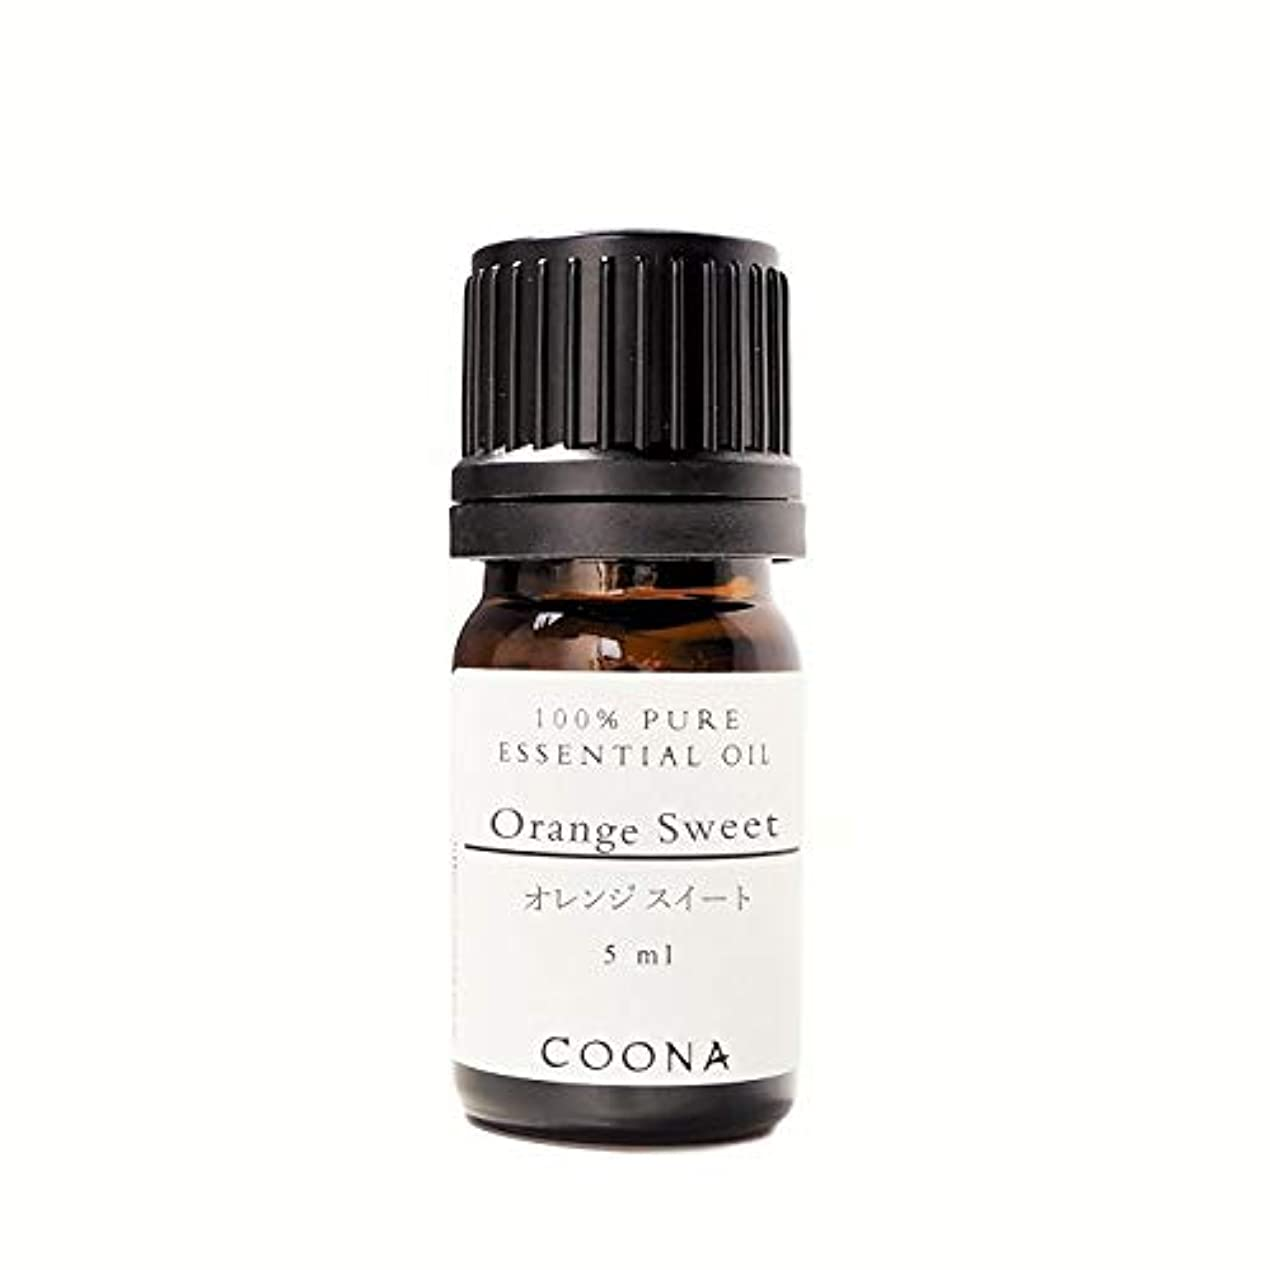 の間に霧大惨事オレンジ スイート 5 ml (COONA エッセンシャルオイル アロマオイル 100%天然植物精油)